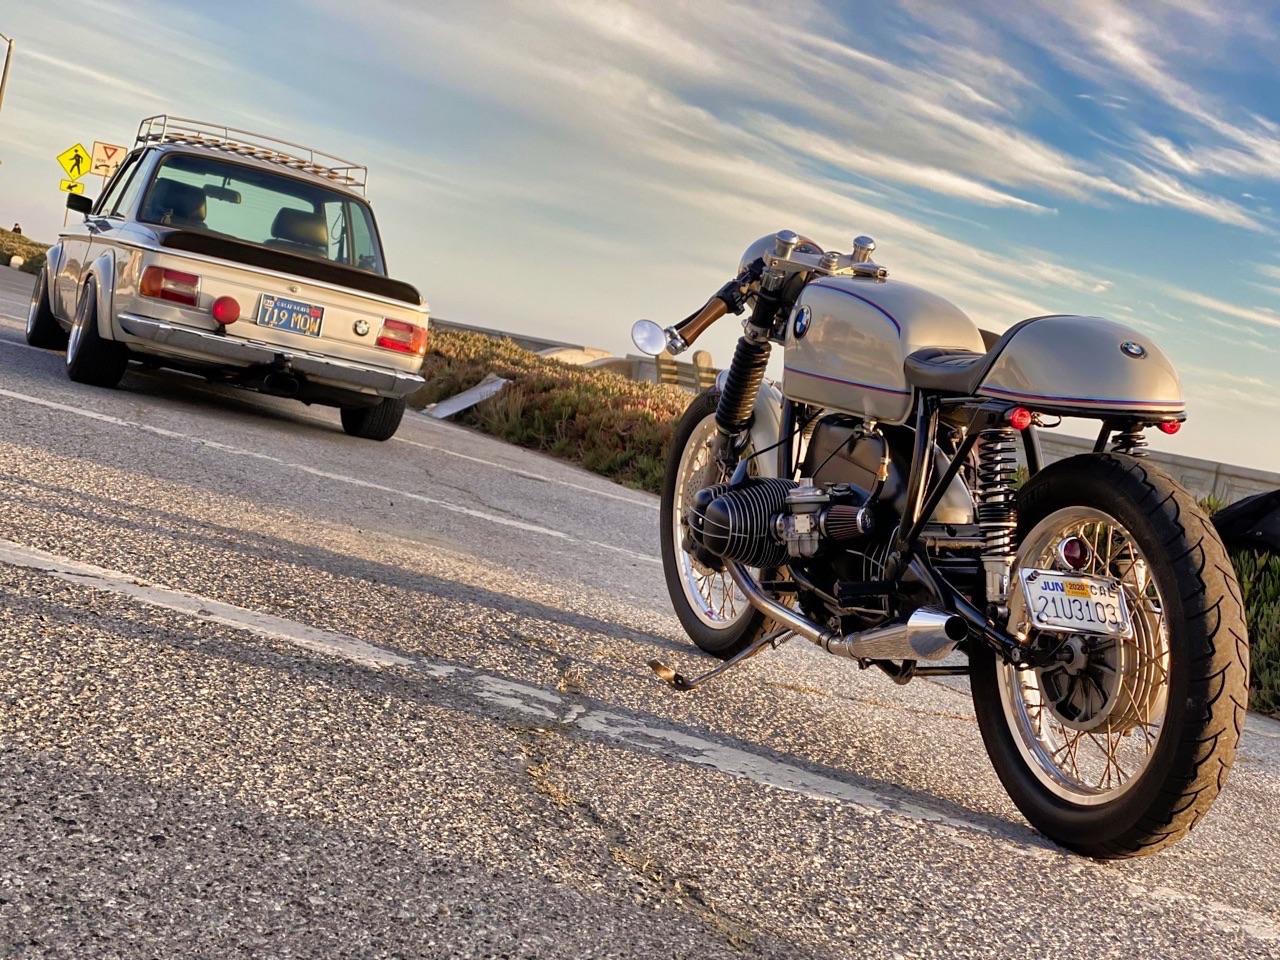 '75 BMW 2002 et R75/6 - Cafe racer sur 4 et 2 roues ! 5